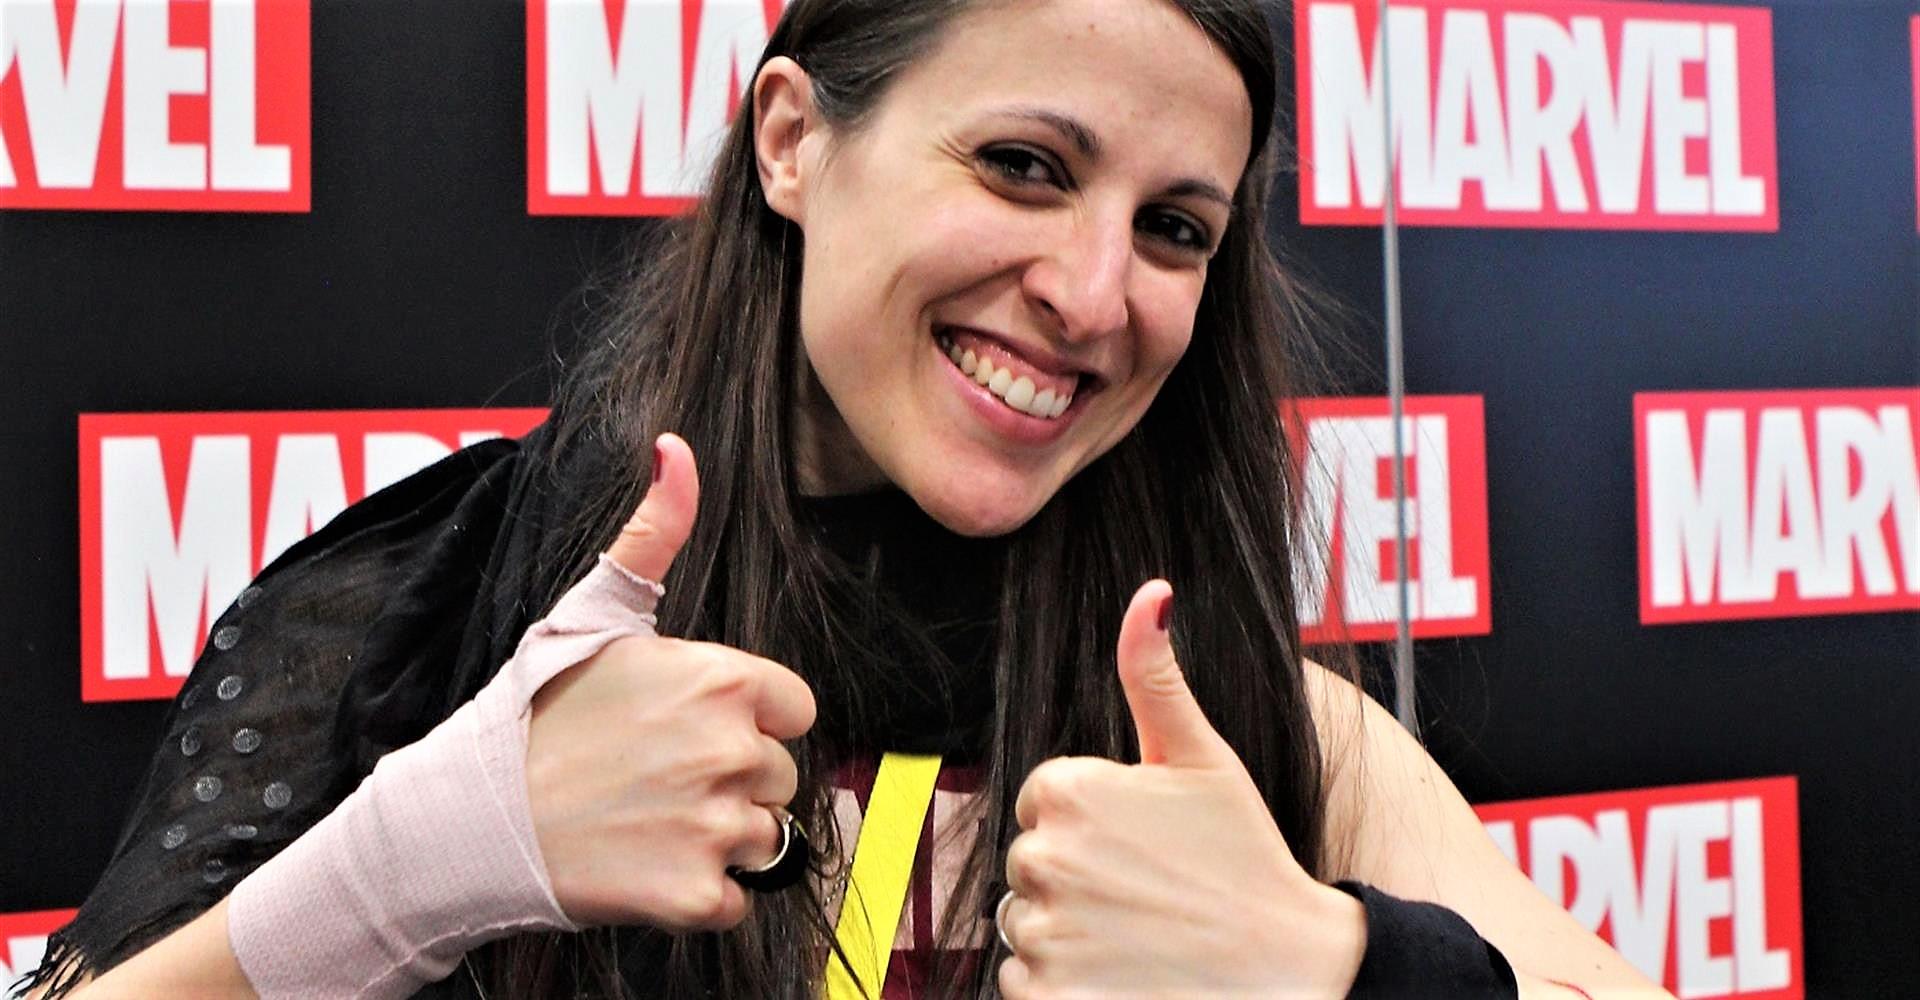 Italia in festa per Sara Pichelli mamma Spider-Man